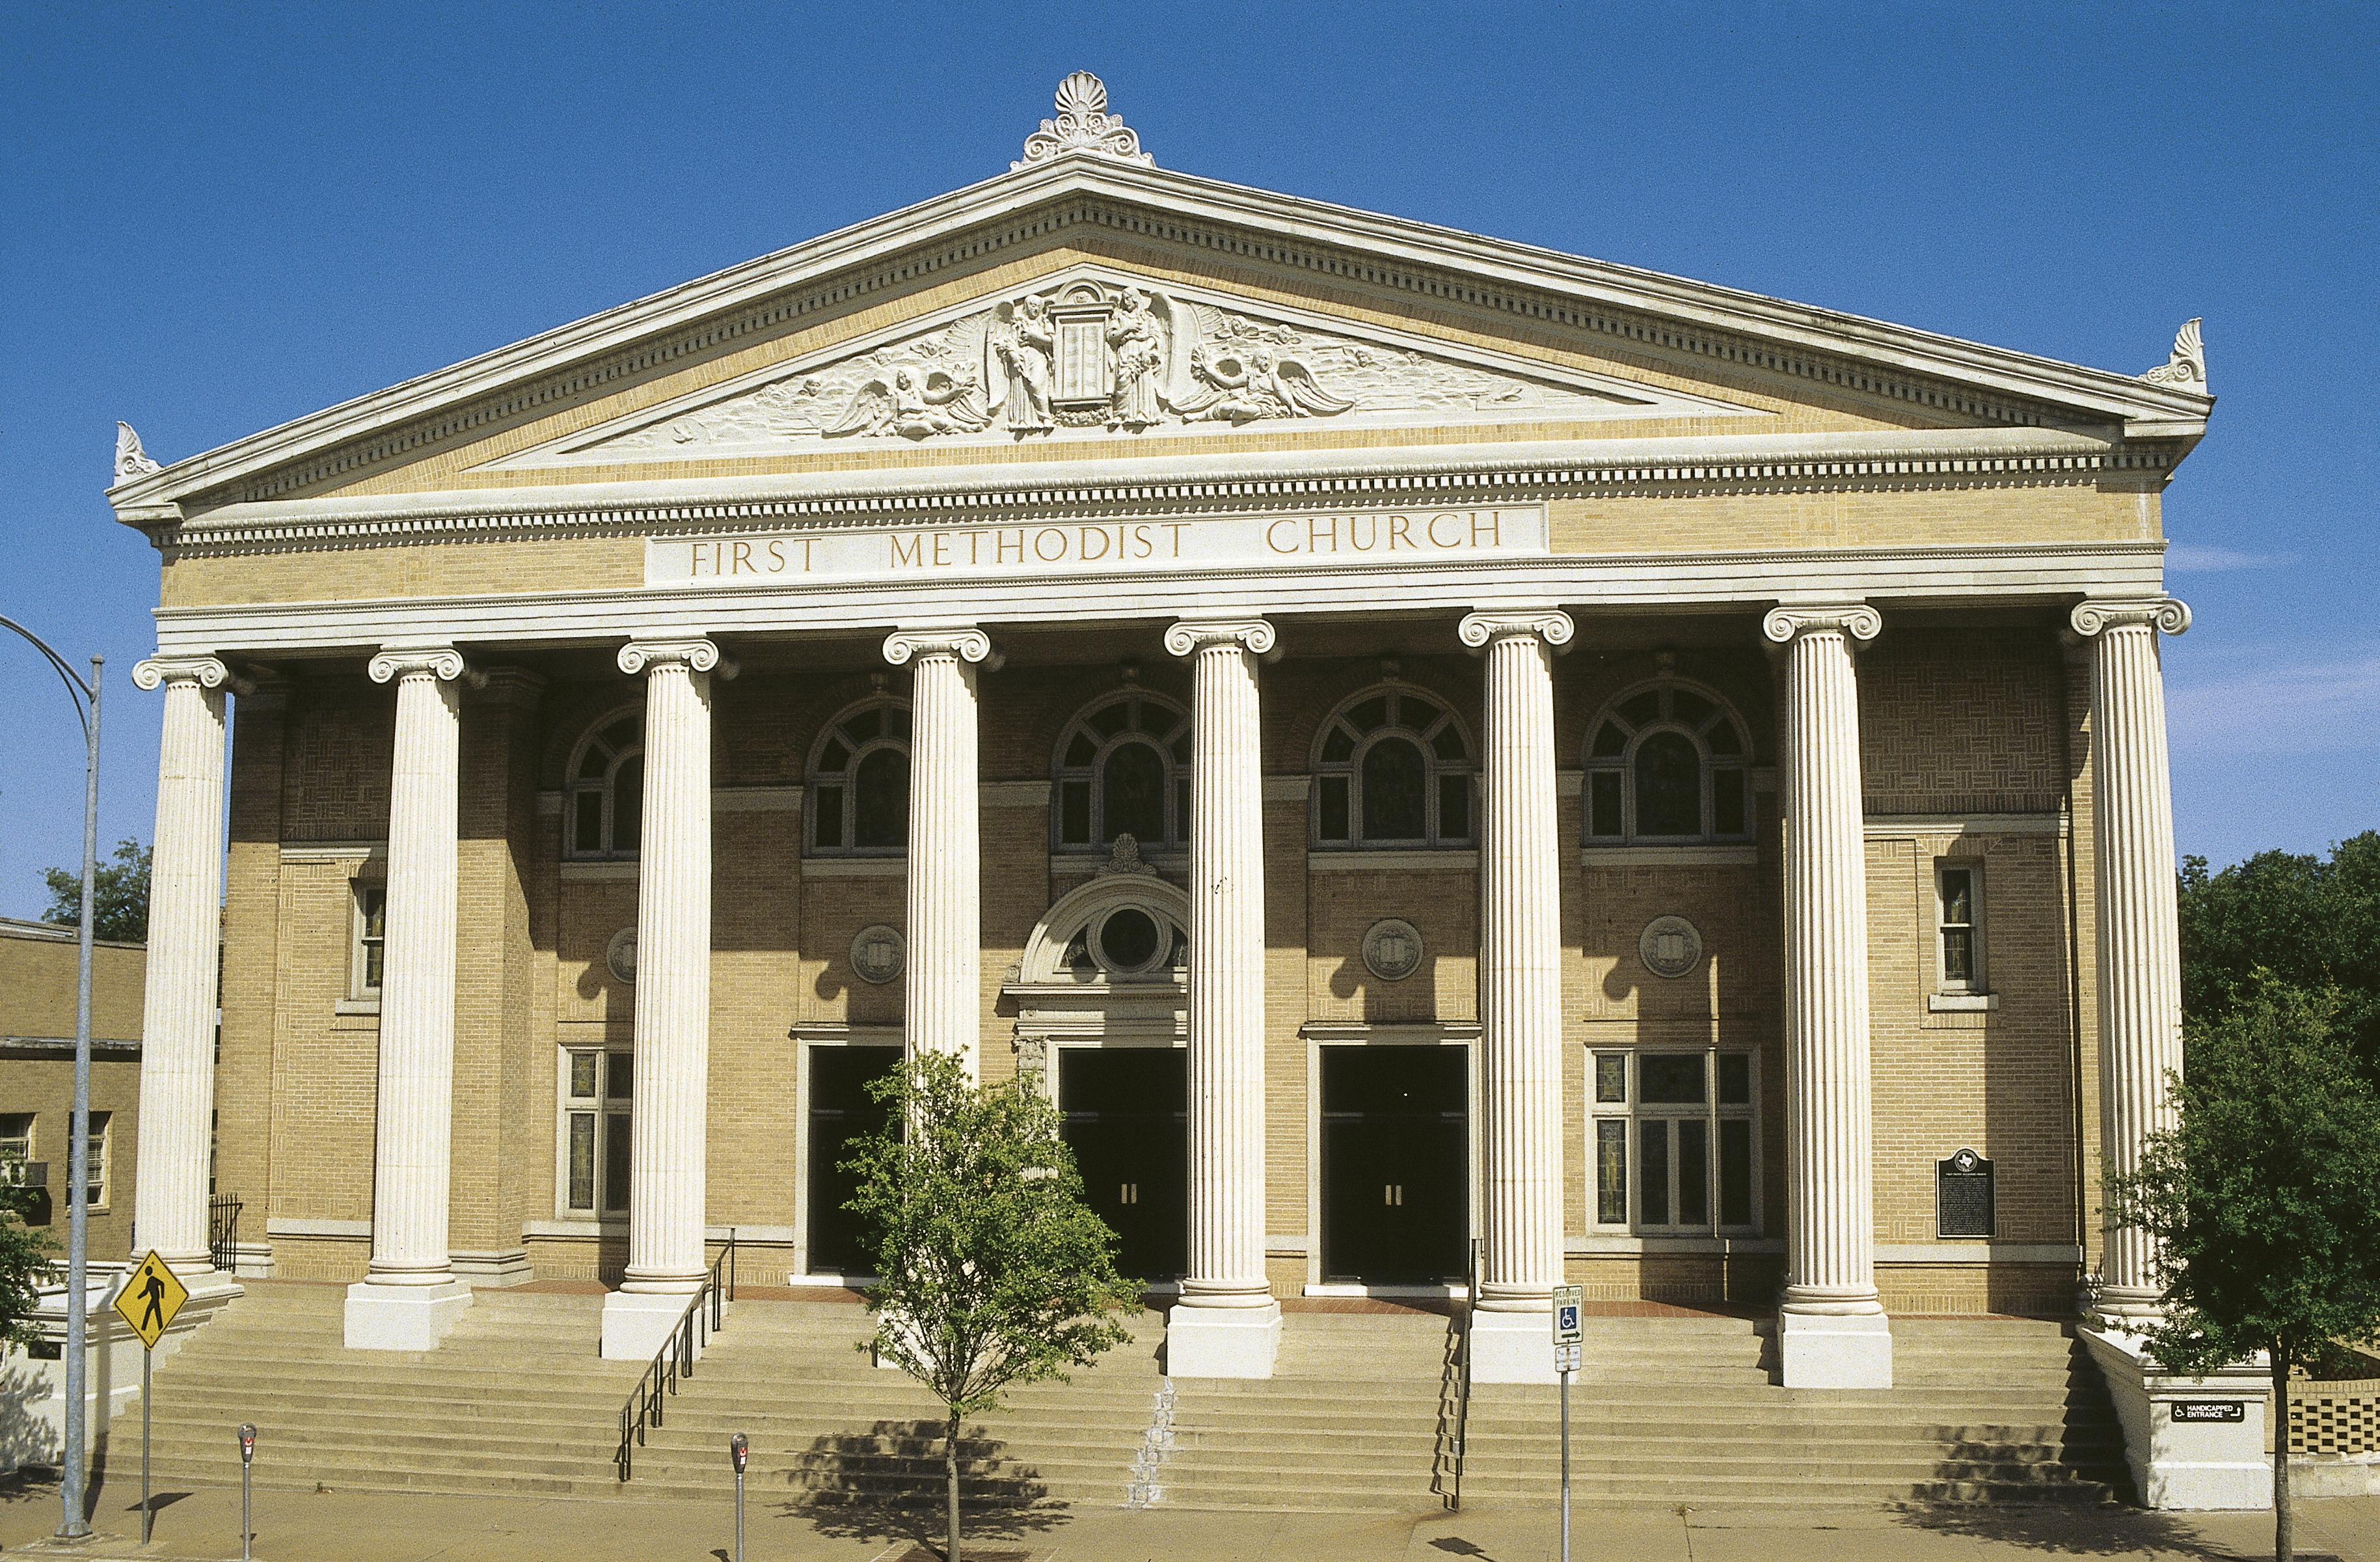 First Methodist Church in Austin